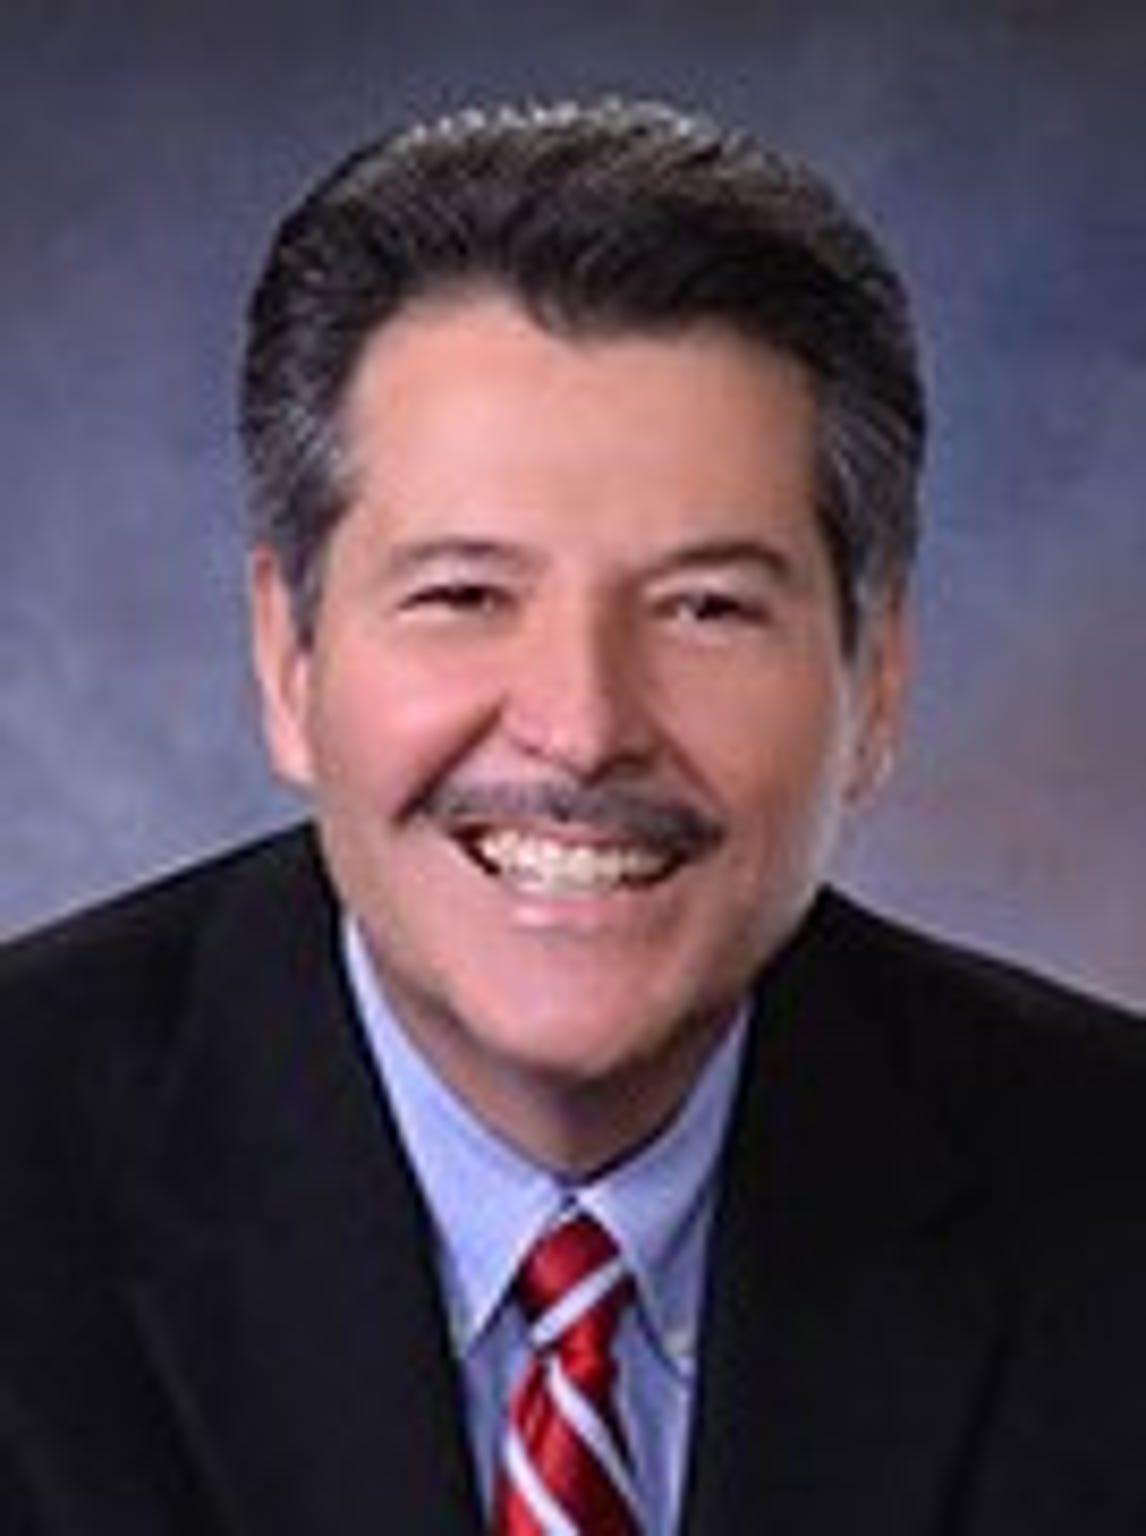 Laredo Mayor Pete Saenz